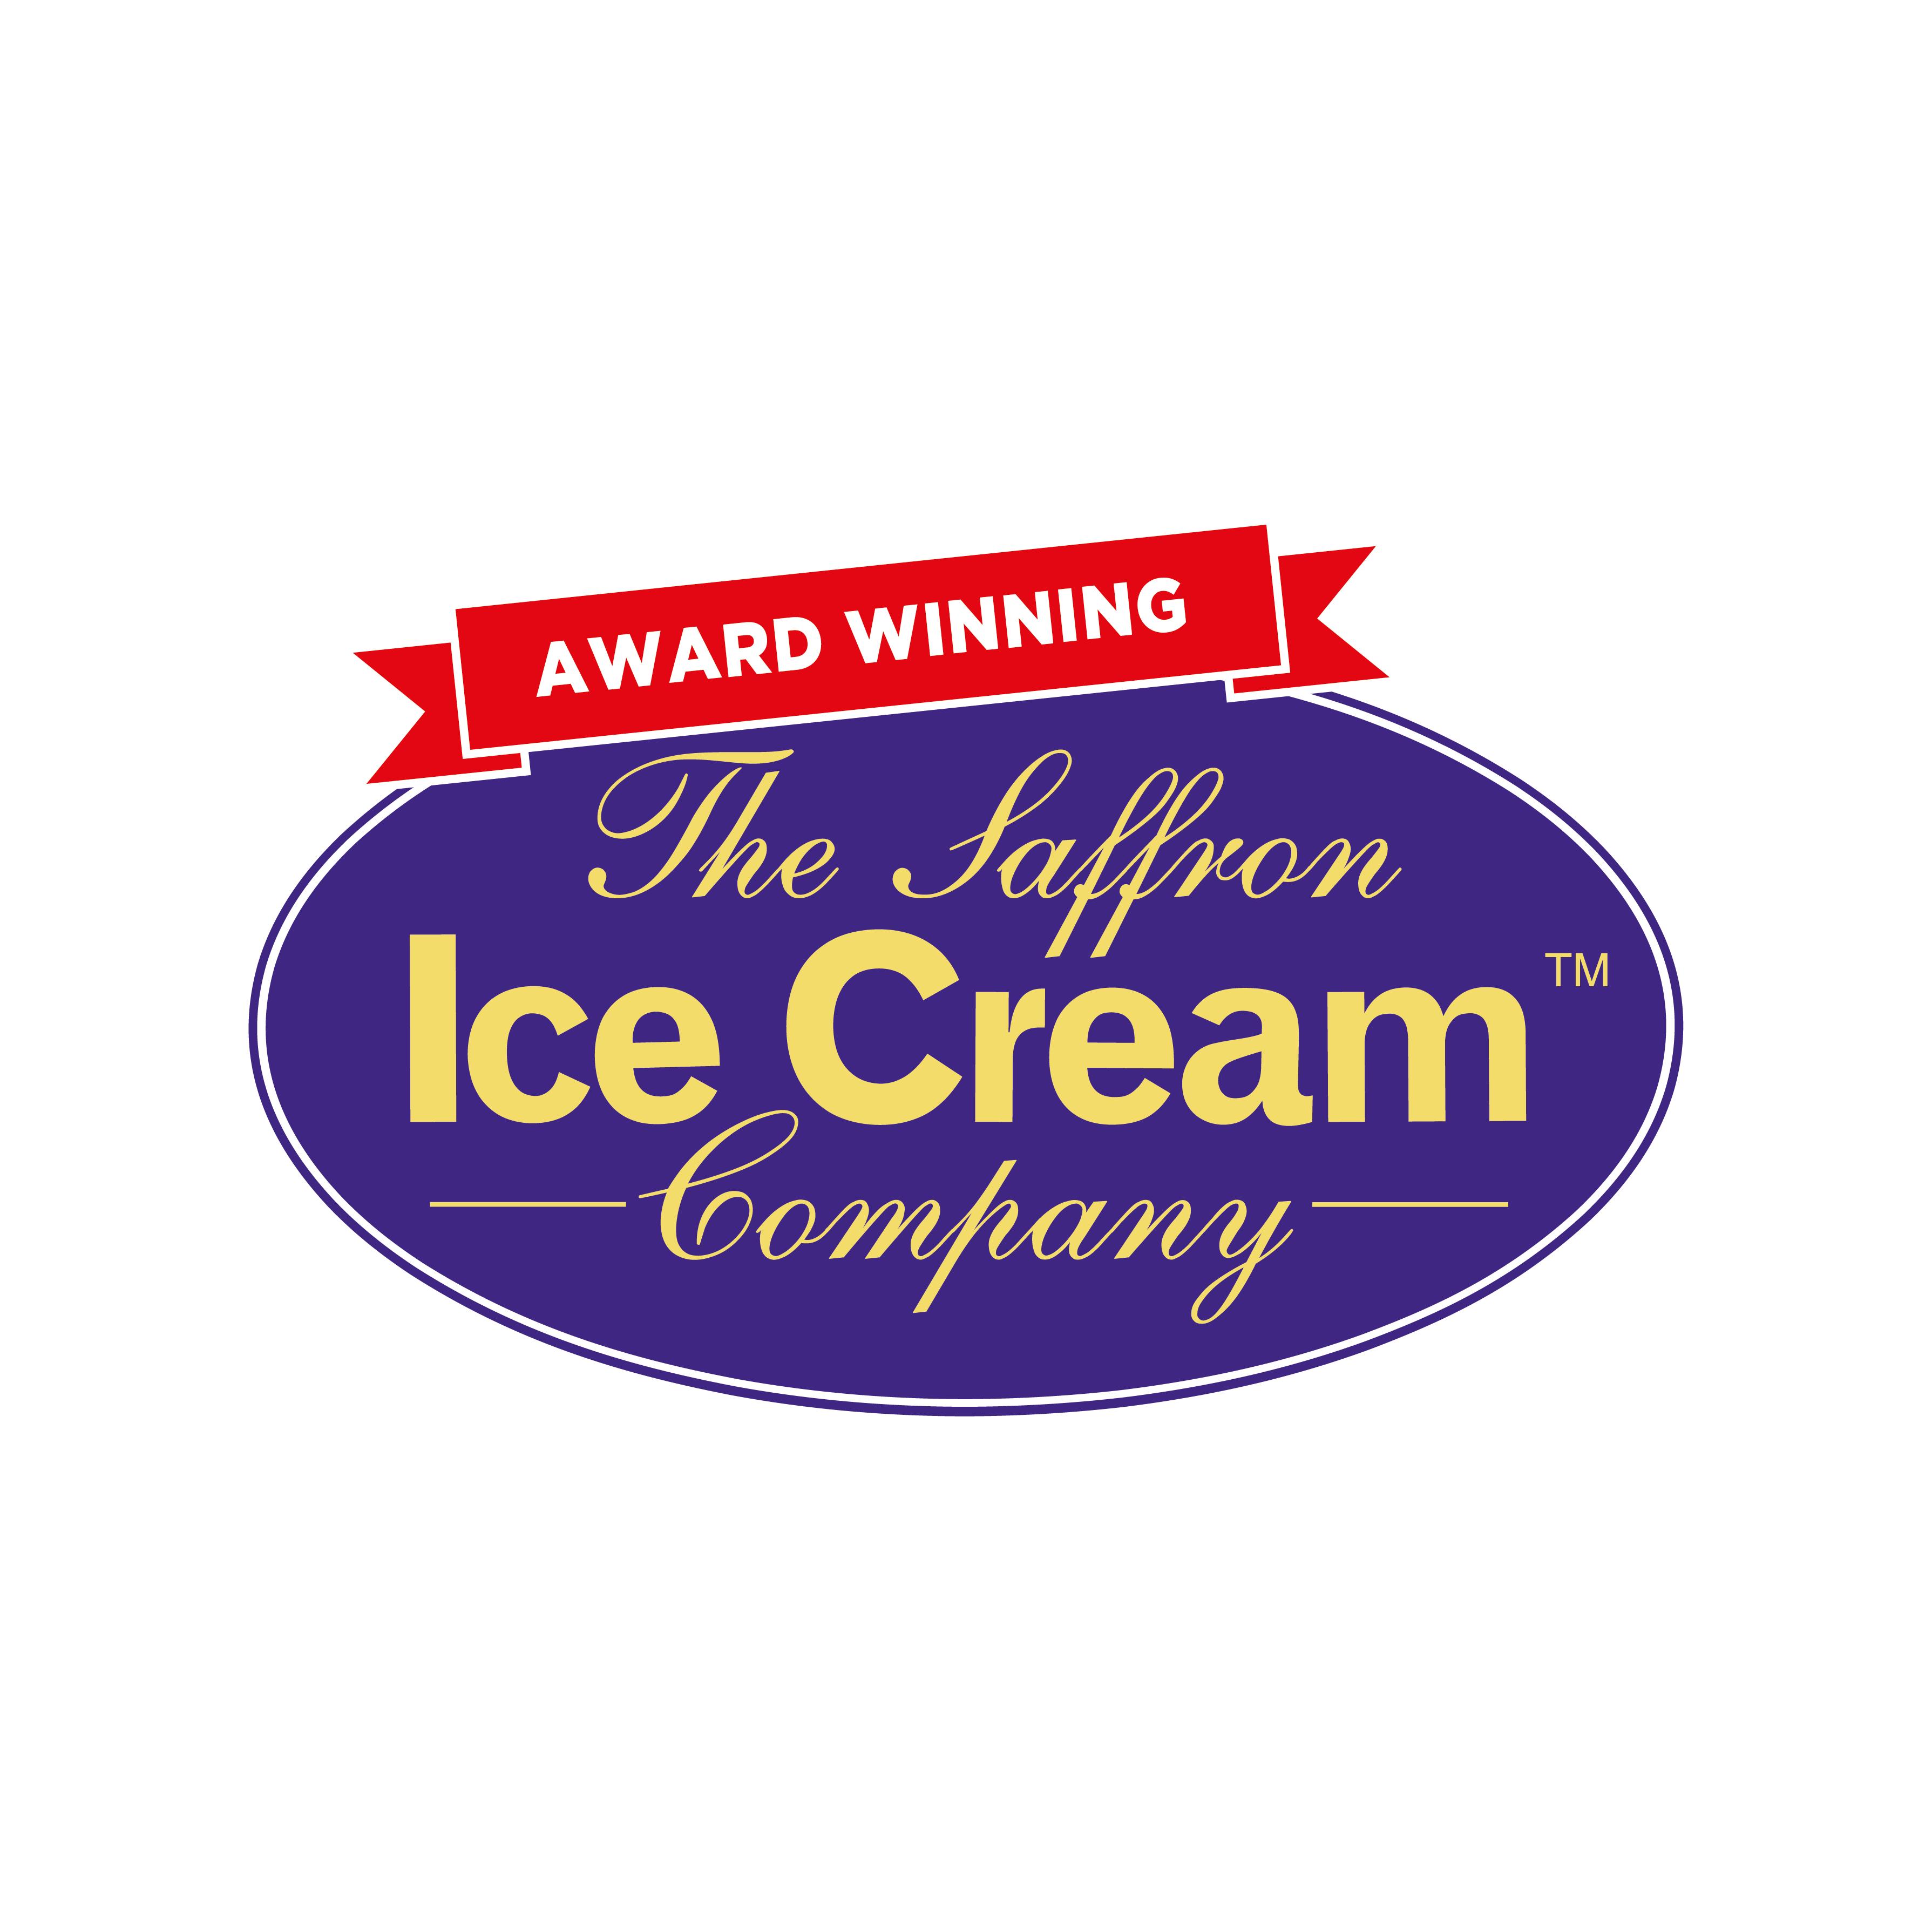 Saffron Ice Cream Co